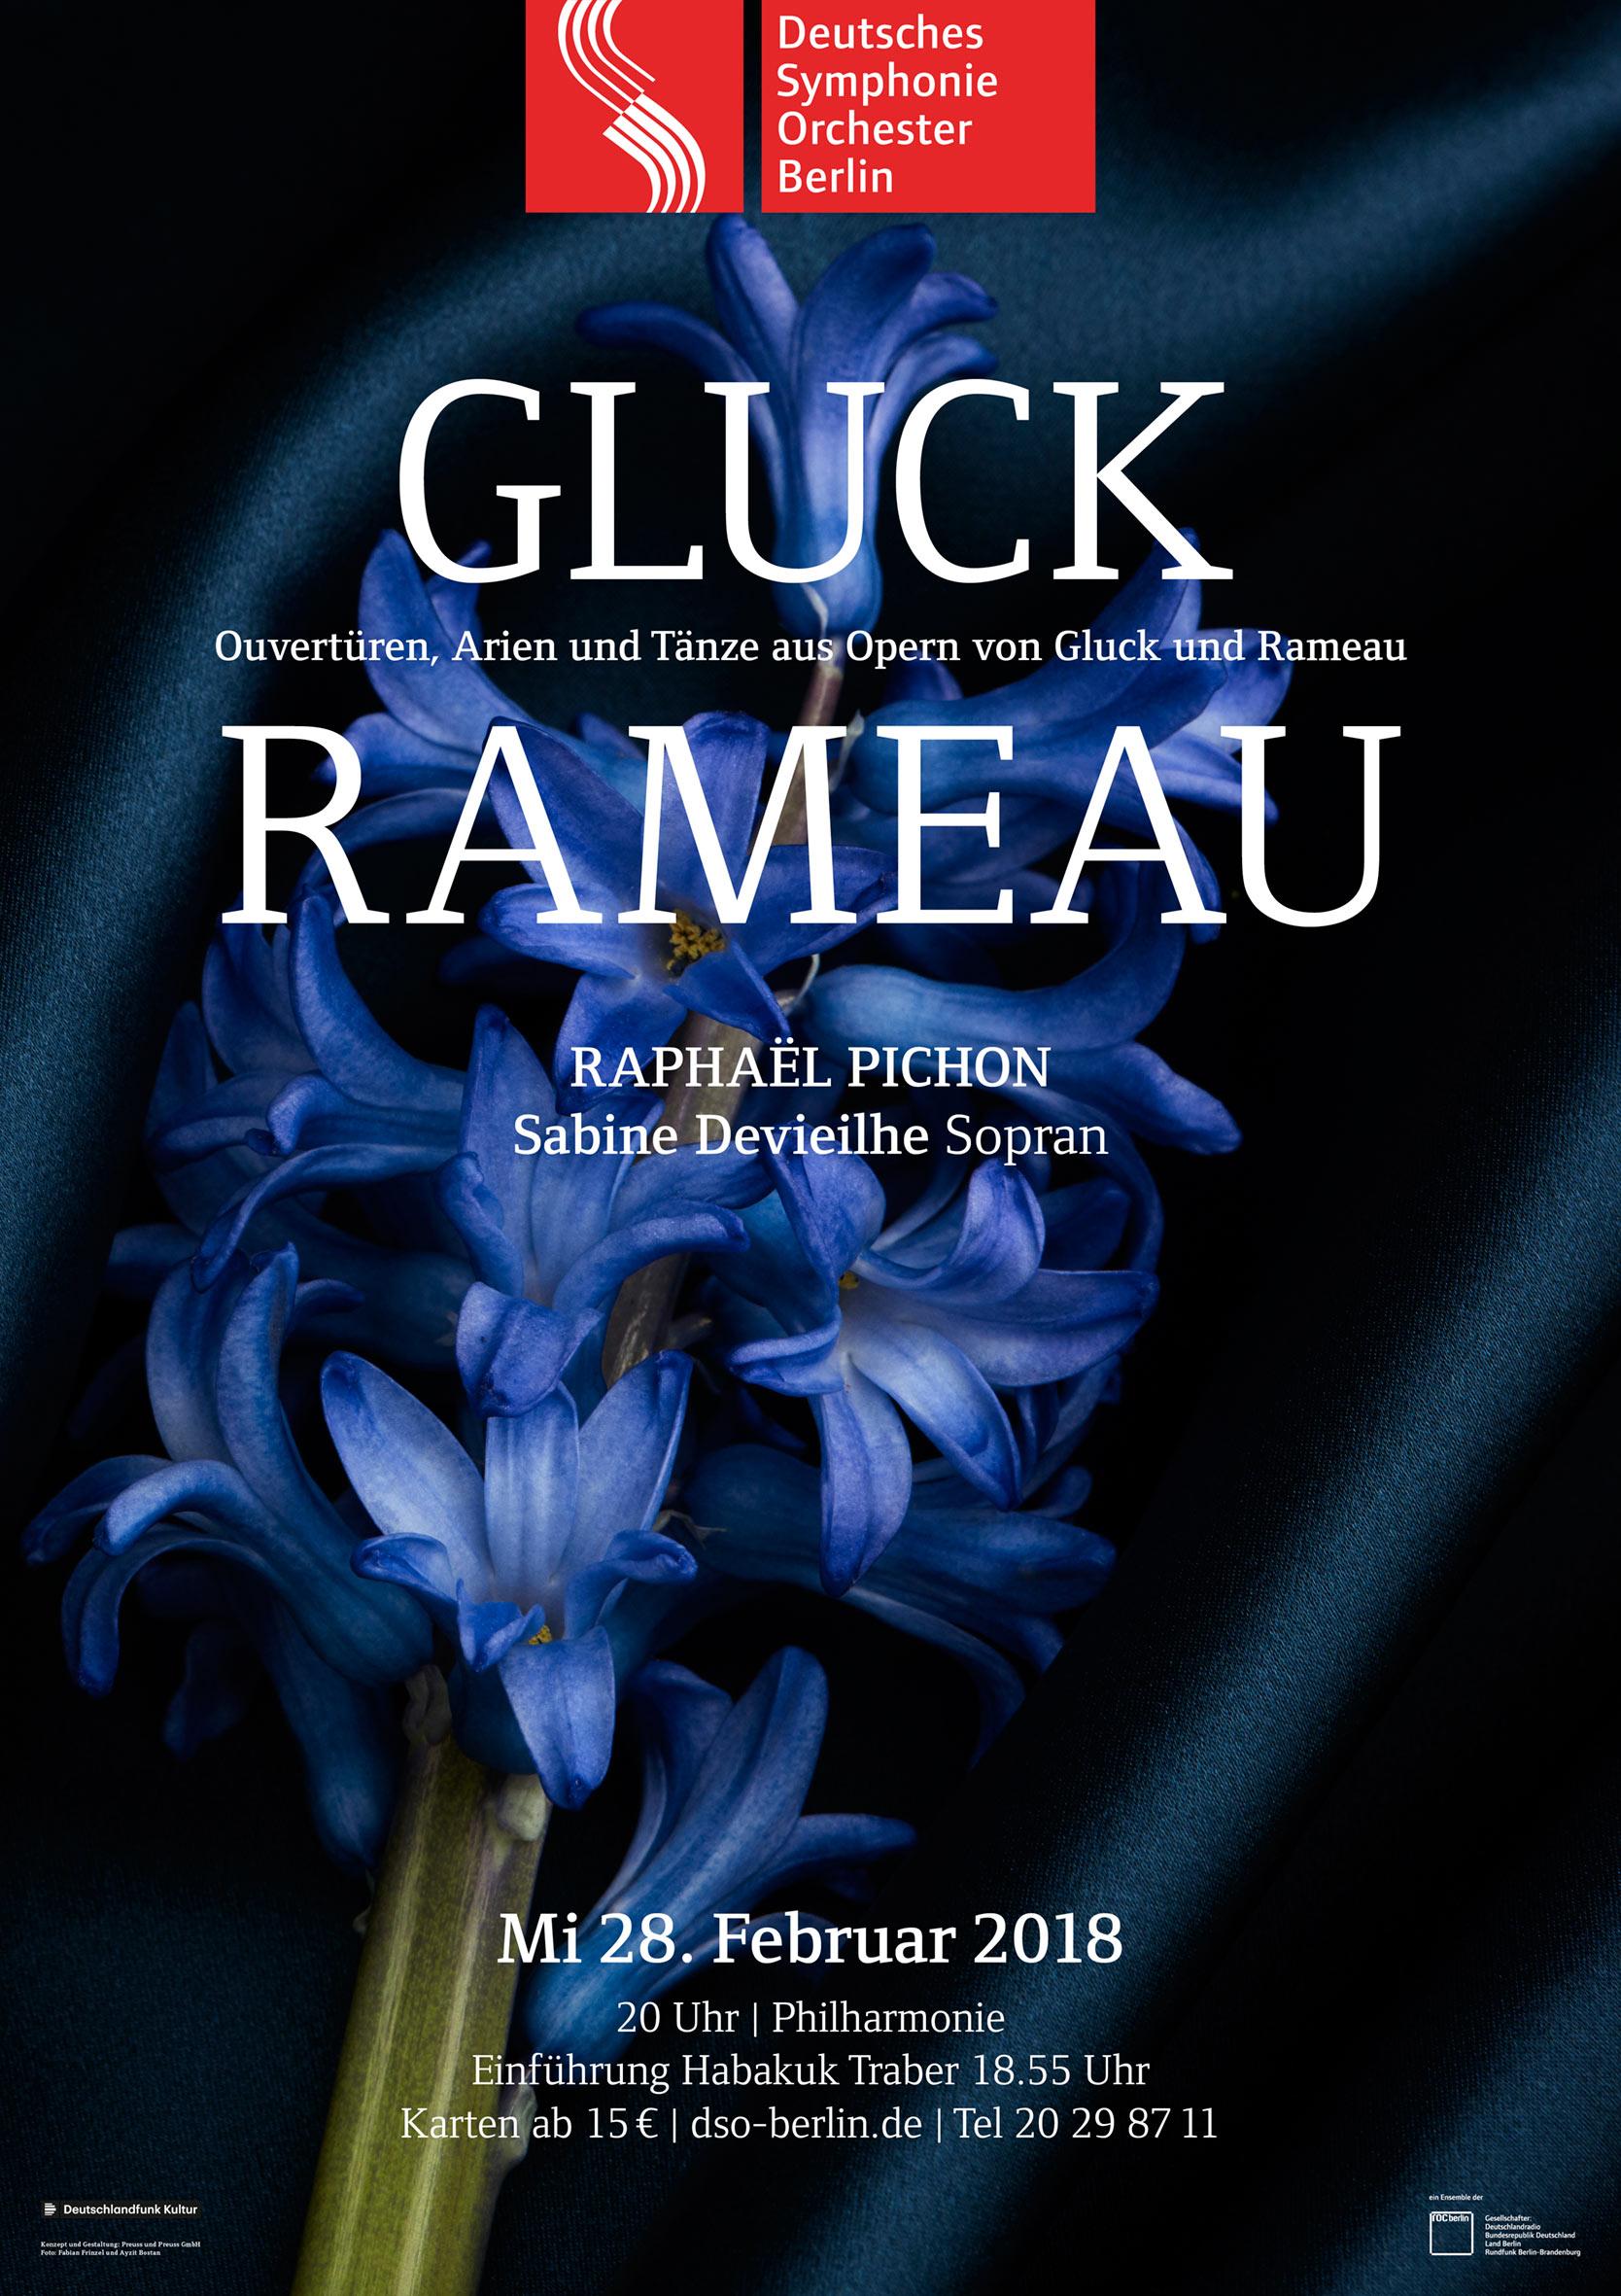 Plakat Konzert Gluck Rameau